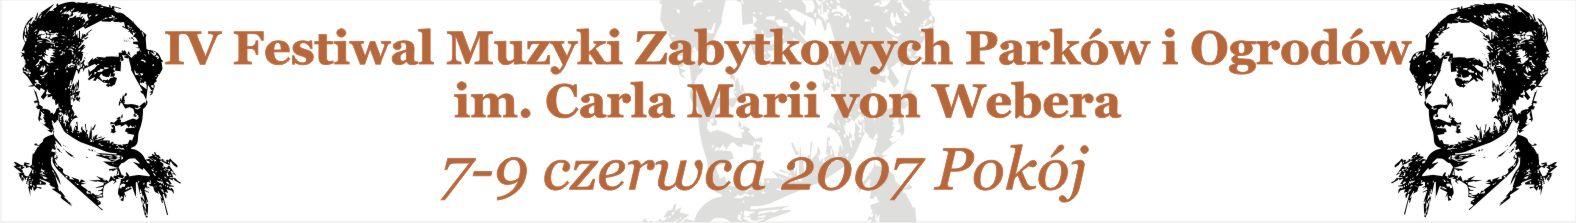 Kopia_zapasowa_Rysunek1.jpeg